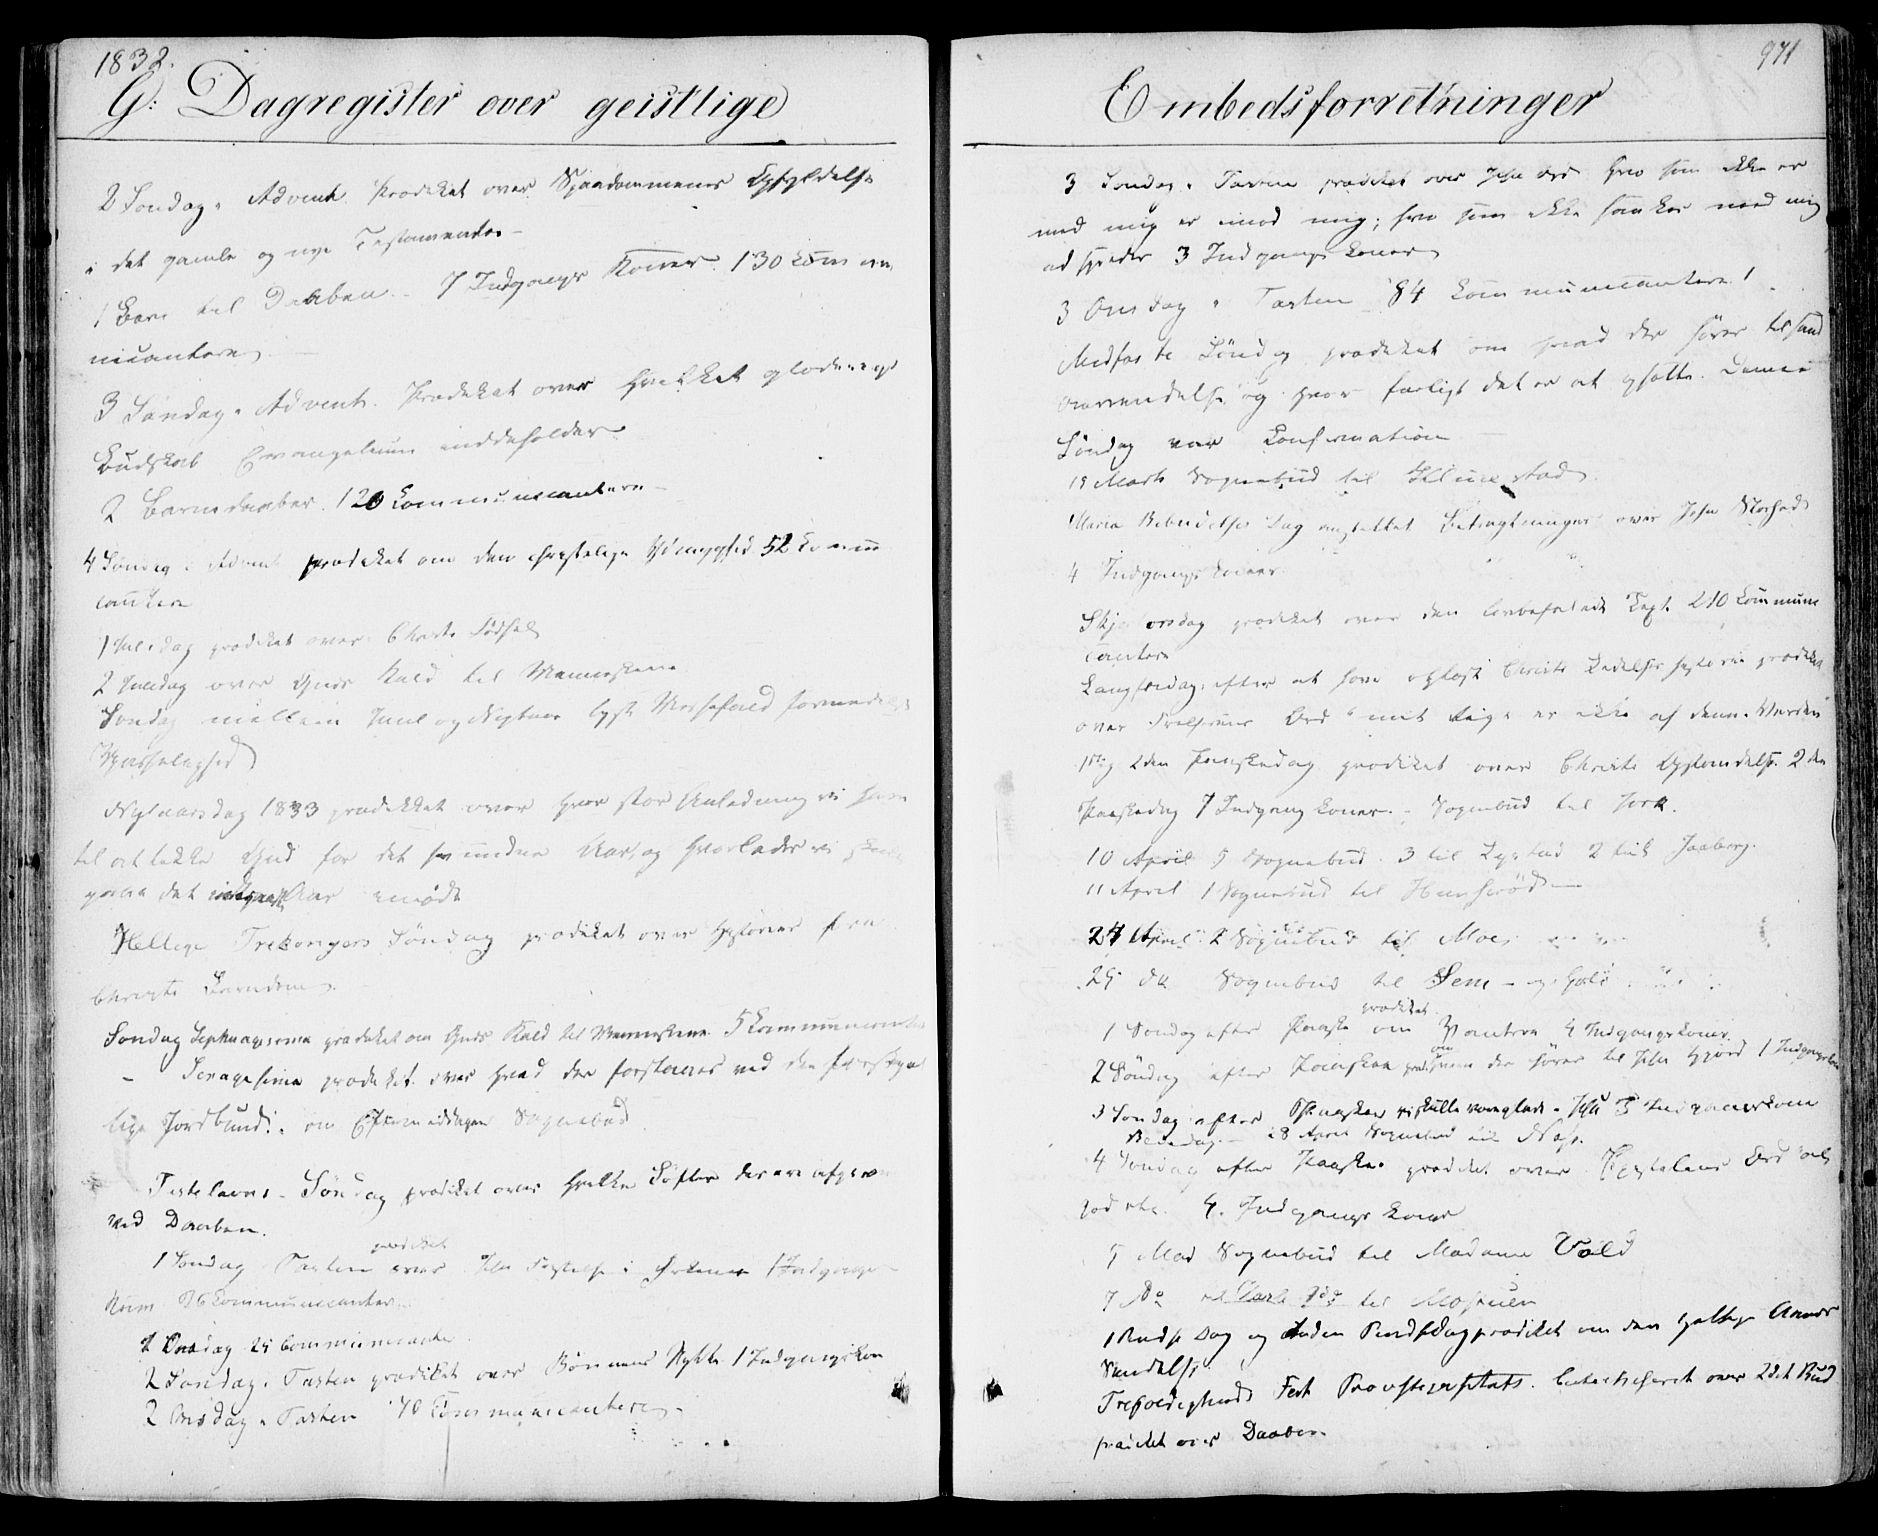 SAKO, Sandar kirkebøker, F/Fa/L0005: Ministerialbok nr. 5, 1832-1847, s. 970-971